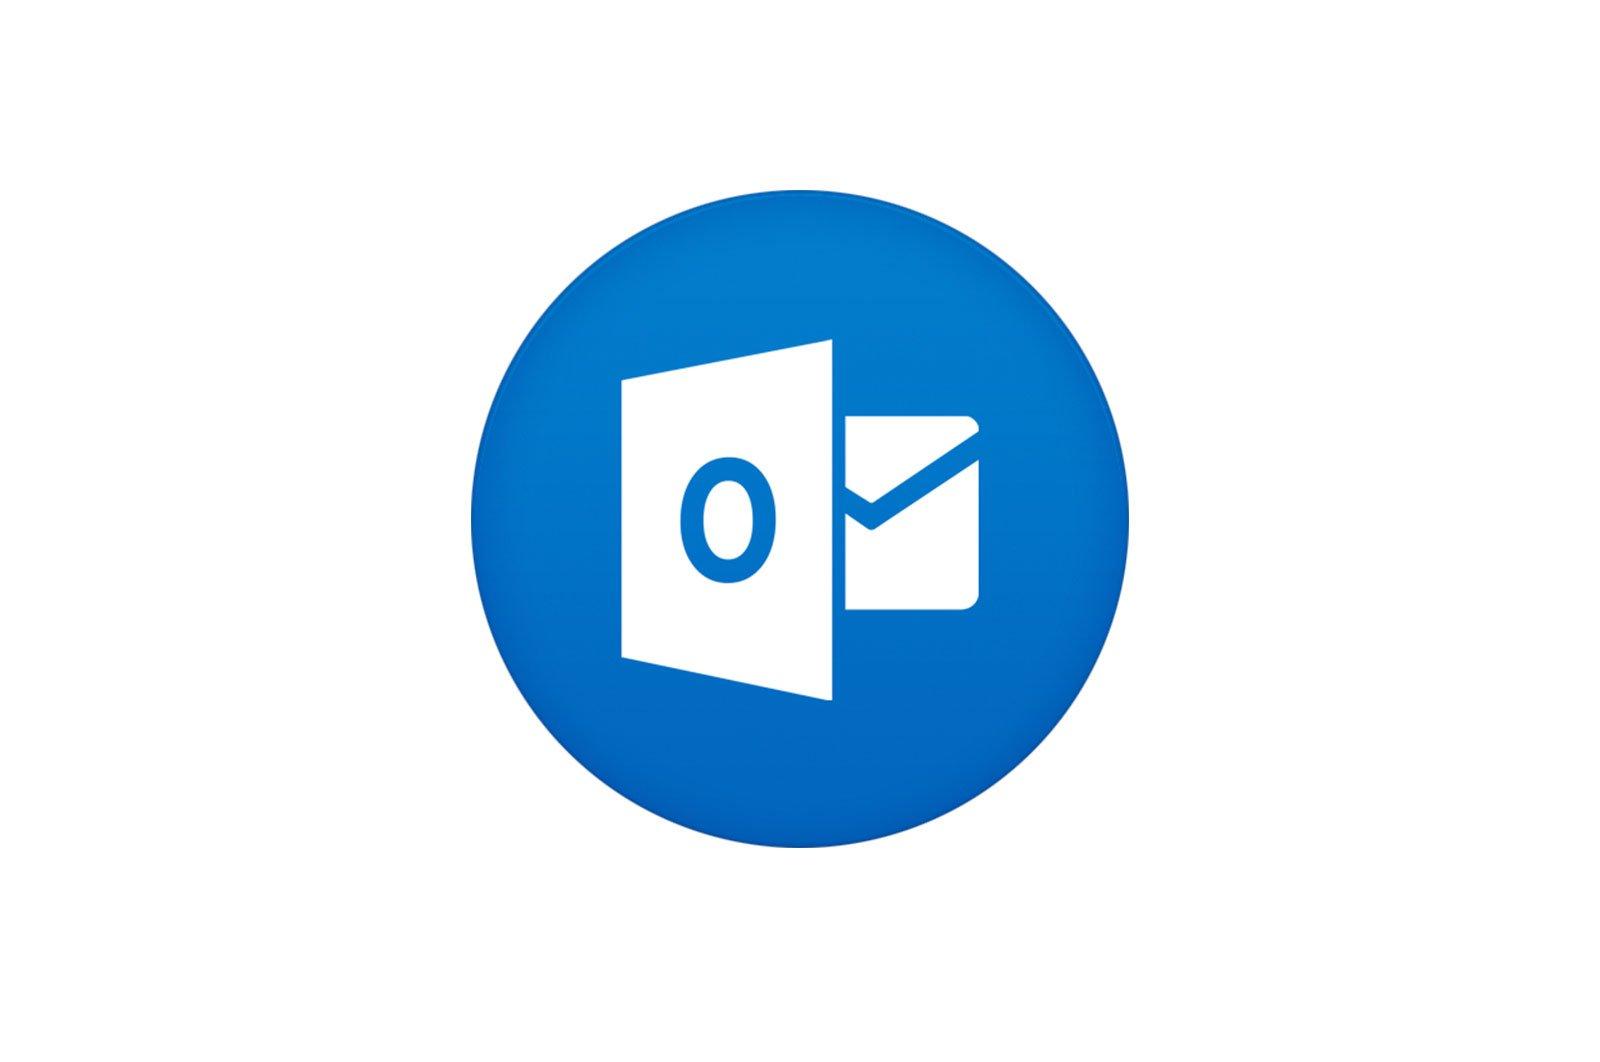 Nejlepší alternativy k MS Outlook